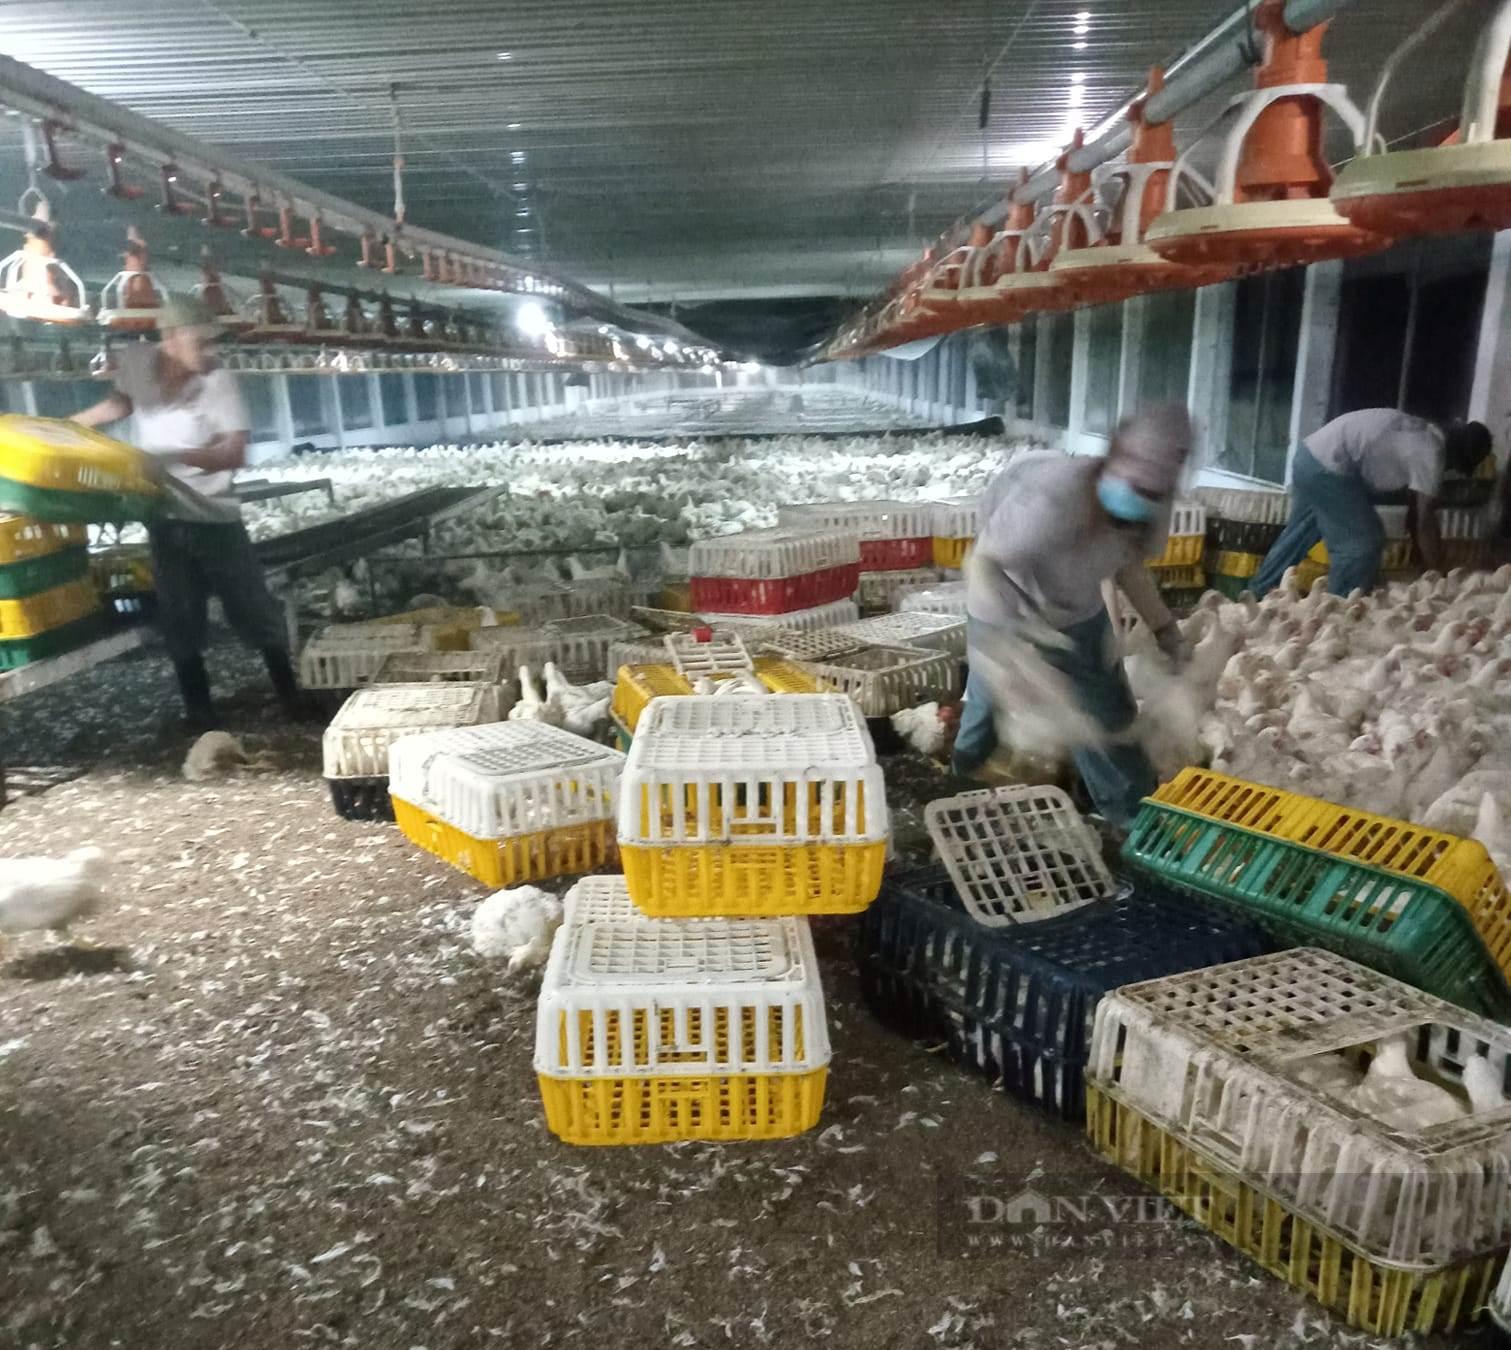 Giá gia cầm hôm nay 24/9: Giá gà công nghiệp giảm mạnh, giá vịt thịt ba miền neo ở mức cao - Ảnh 1.